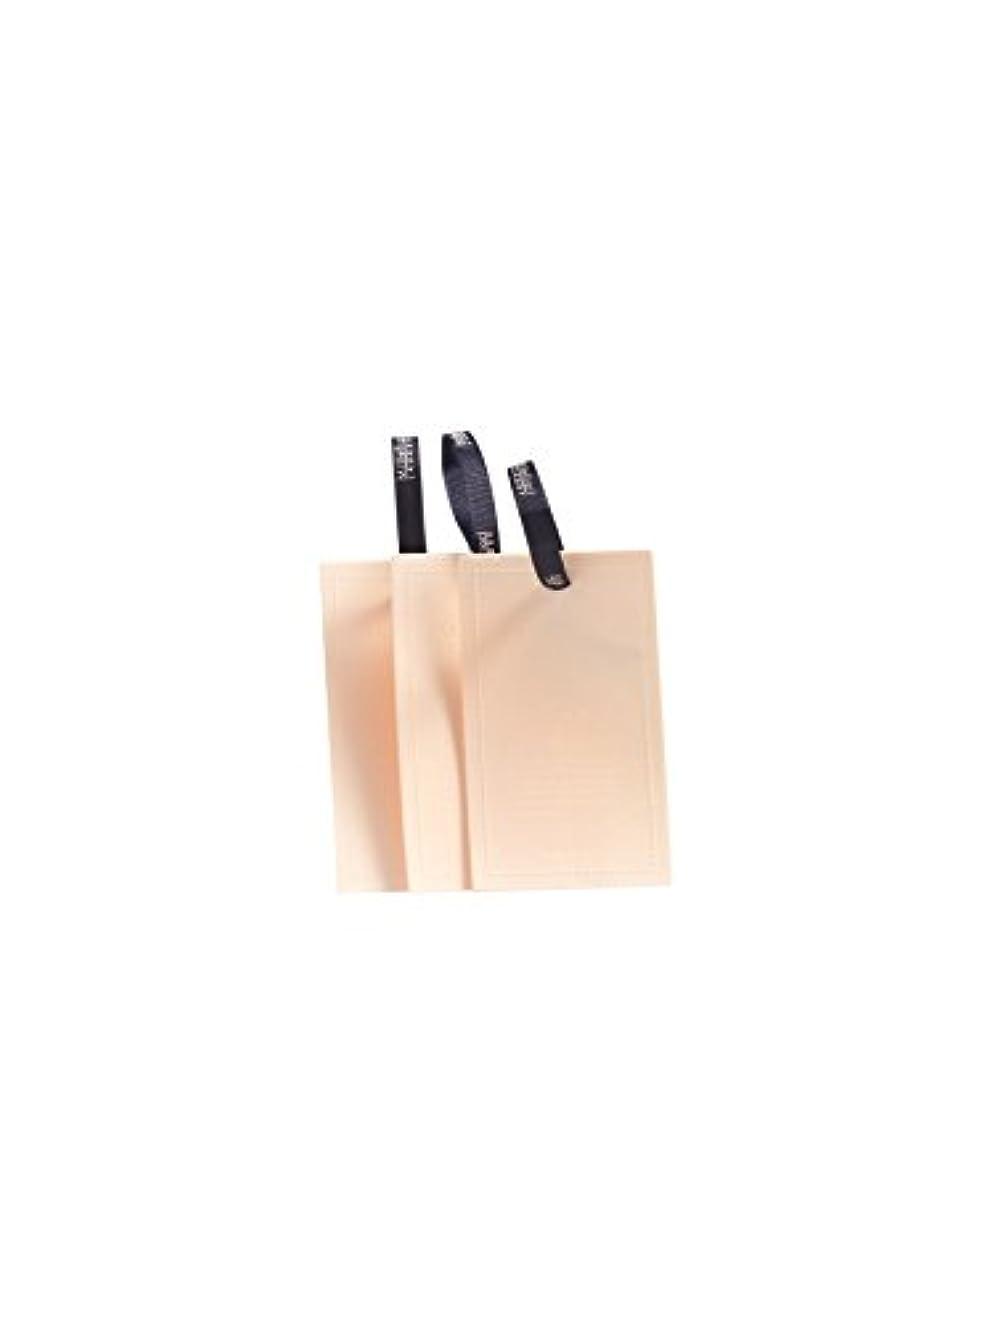 買い物に行くスペシャリストシェーバーMillefiori センテッドカード ナルシス CARD-A-001